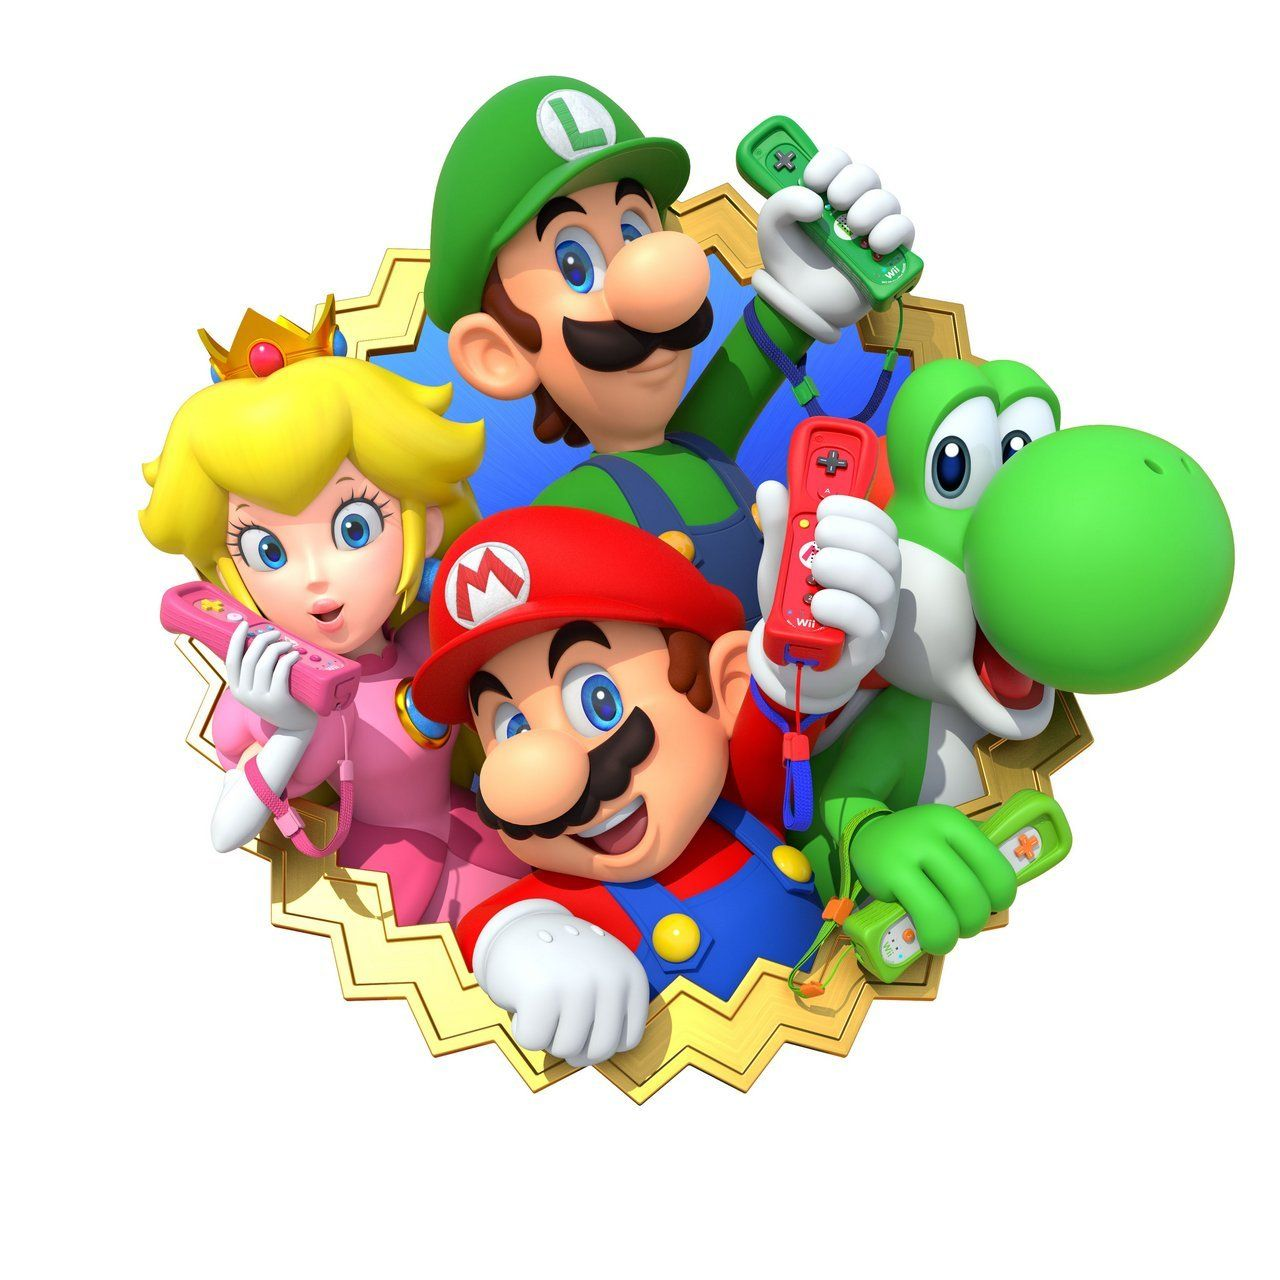 Marioparty10 Para Mas Informacion Sobre Videojuegos Siguenos En Twitter Https Twitter Com Ts Videojueg Super Mario Bros Party Mario Bros Party Mario Party